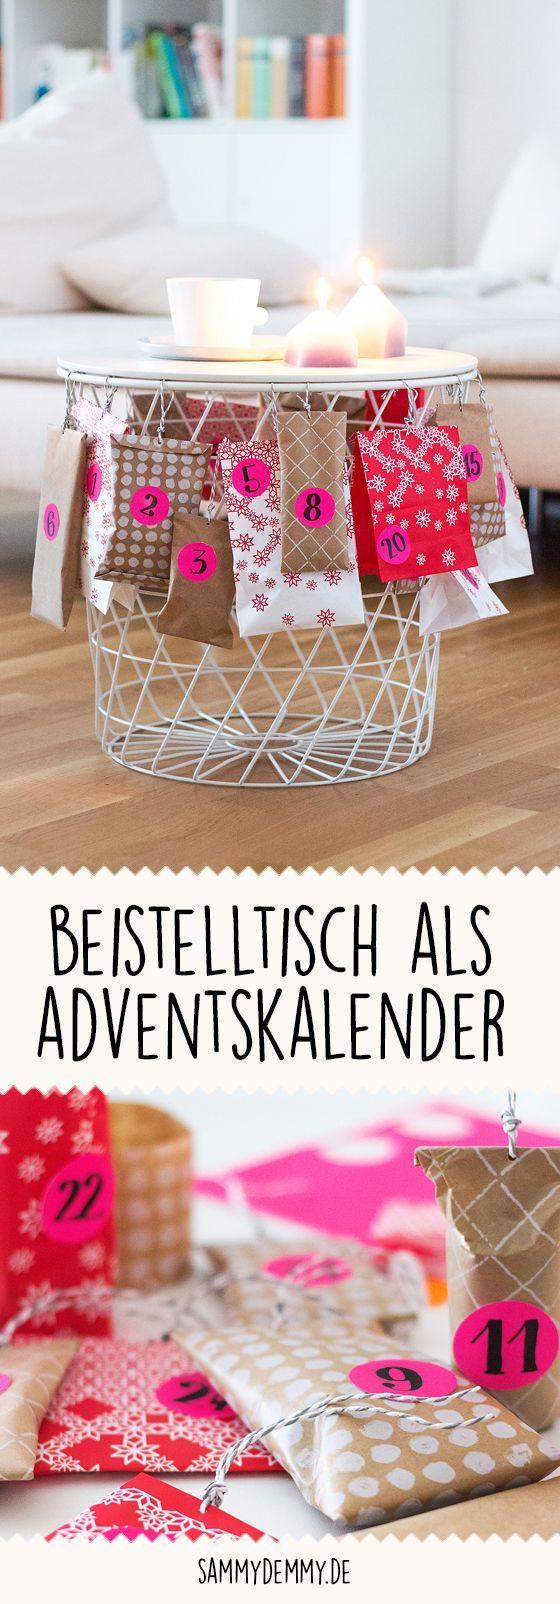 Adventskalender, Idee Adentskalender, Deko Weihnachten, Geschenke verpacken, Verpackungsidee, DIY Weihnachten, Geschenkidee, Adventskalender basteln, Adventskalender Kinder, advent Calendar